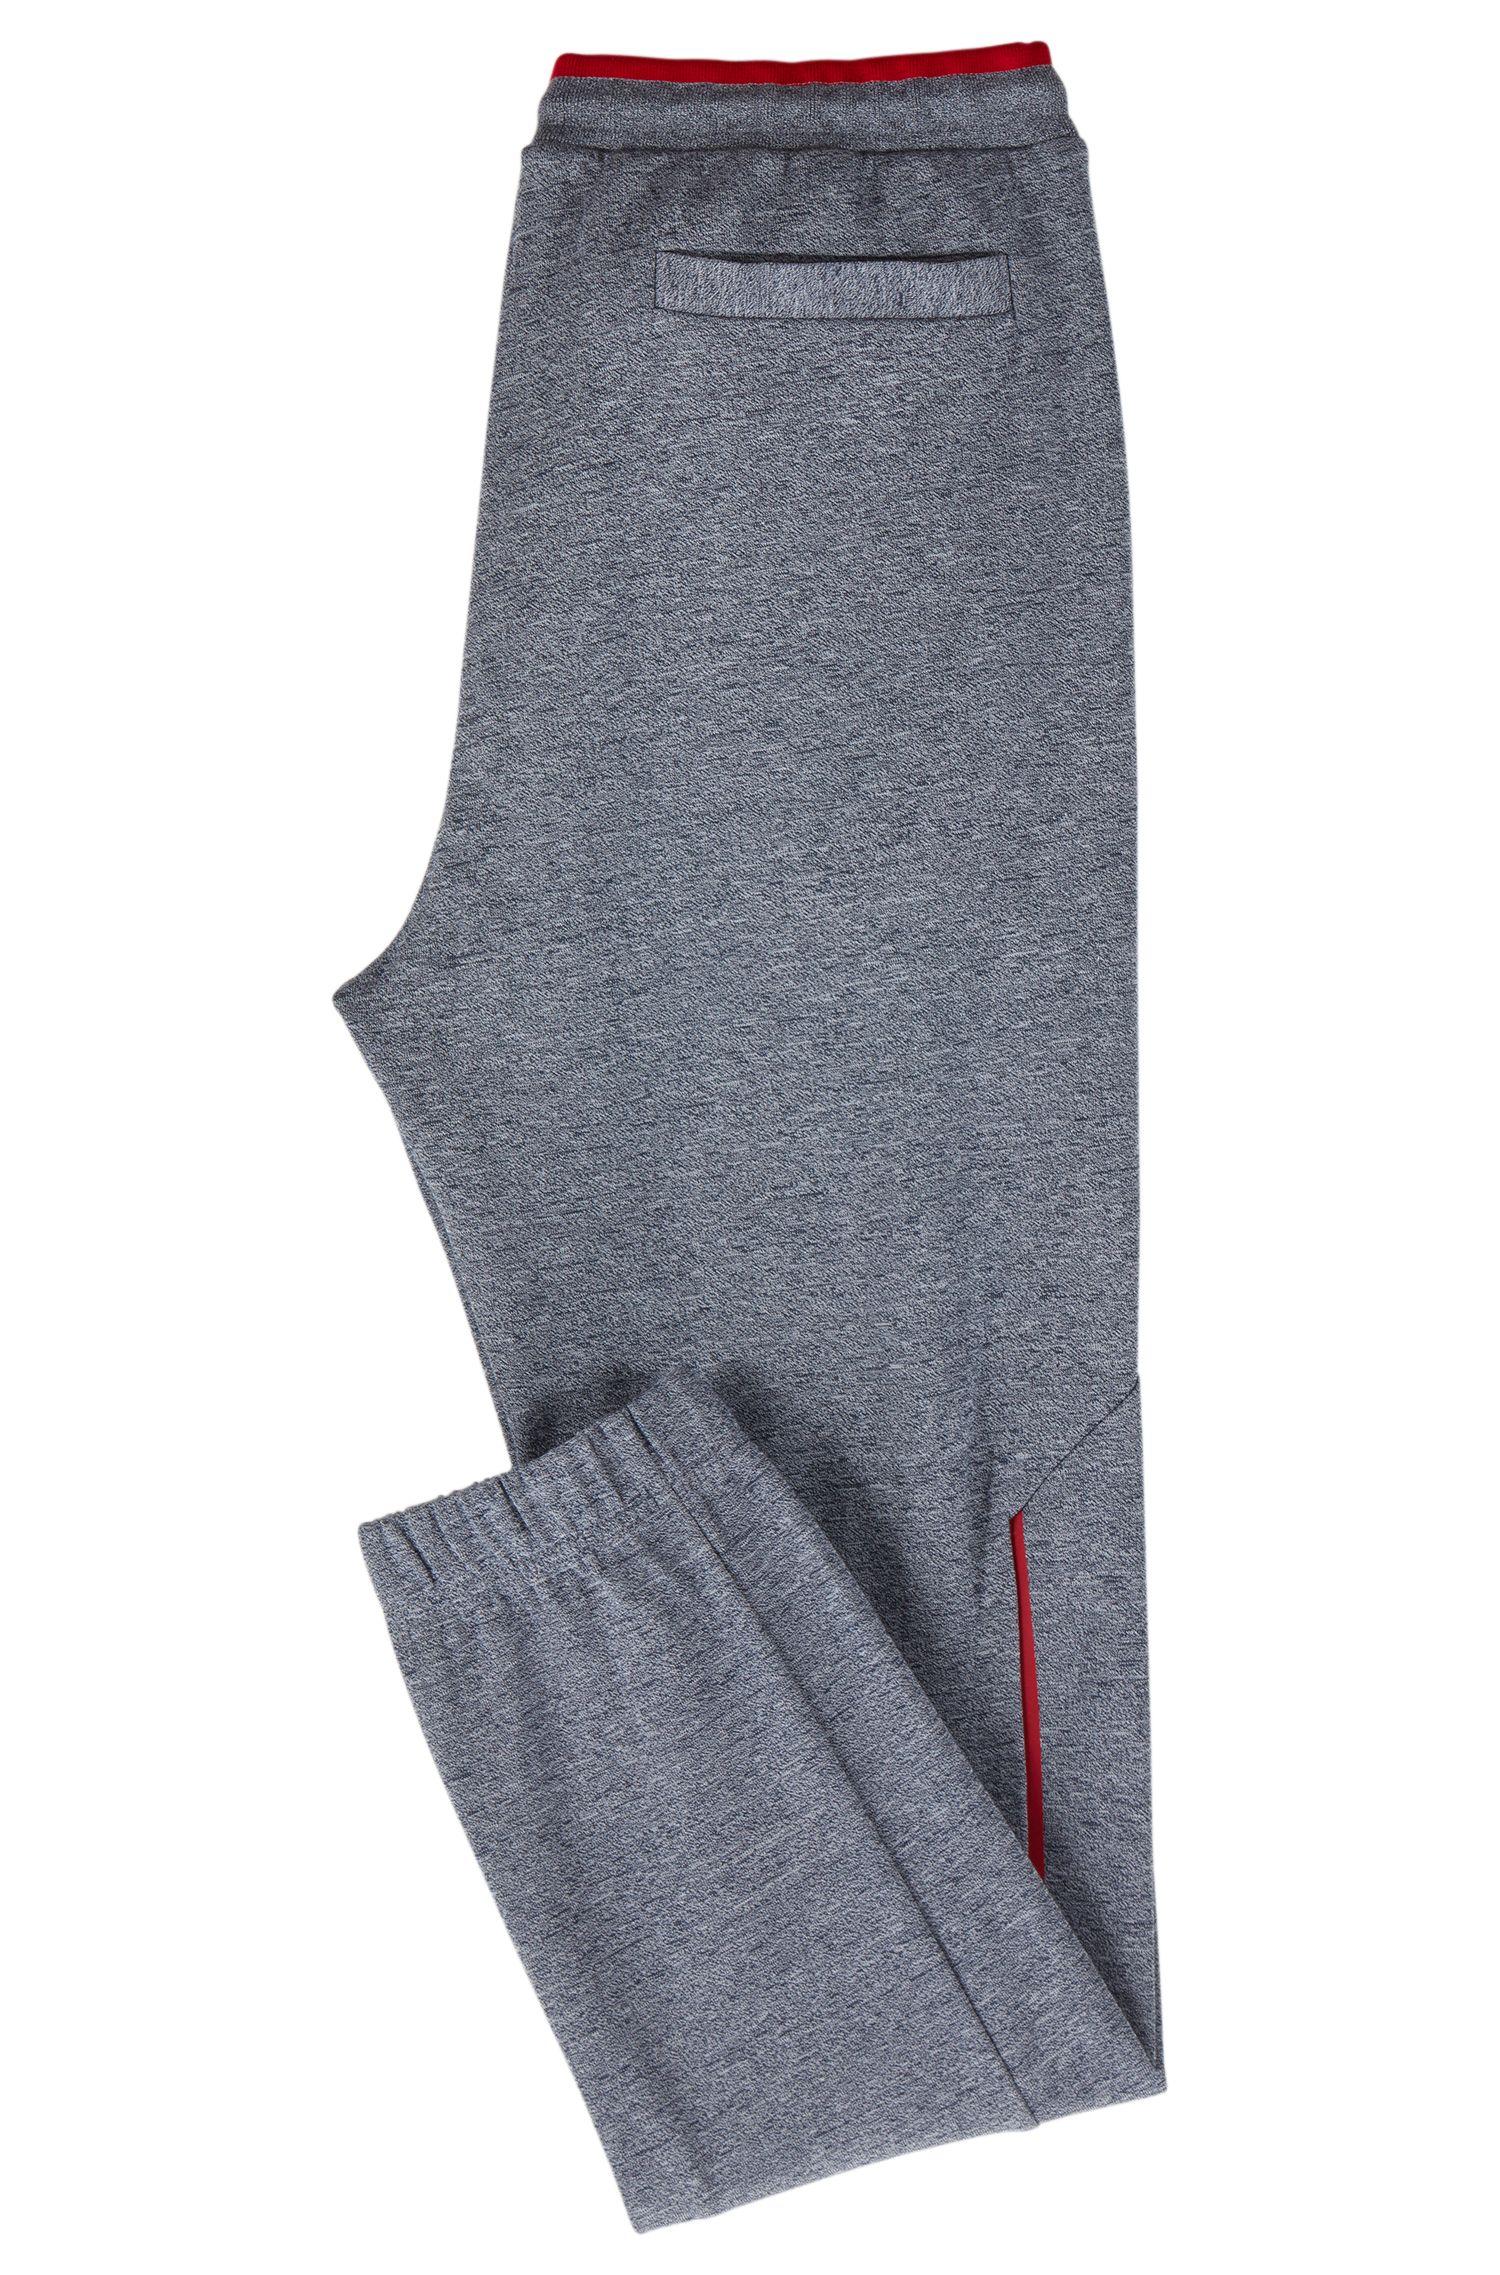 Slim-Fit Jogginghose mit reflektierenden Details, Dunkelblau